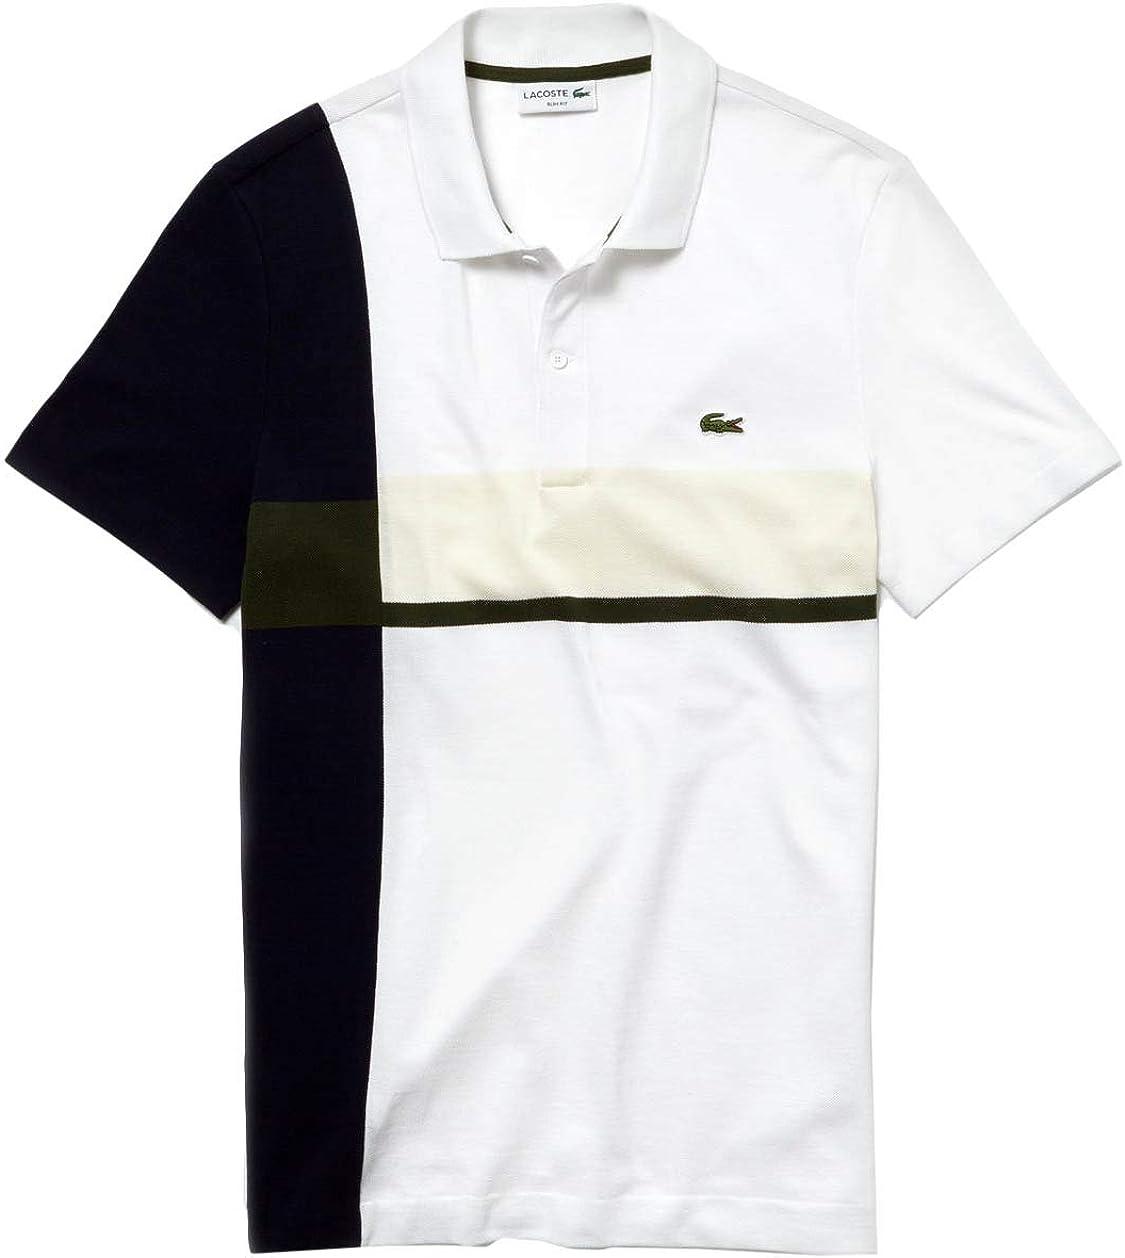 Lacoste Polo Color Block Blanco Hombre 3 Blanco: Amazon.es: Ropa y ...